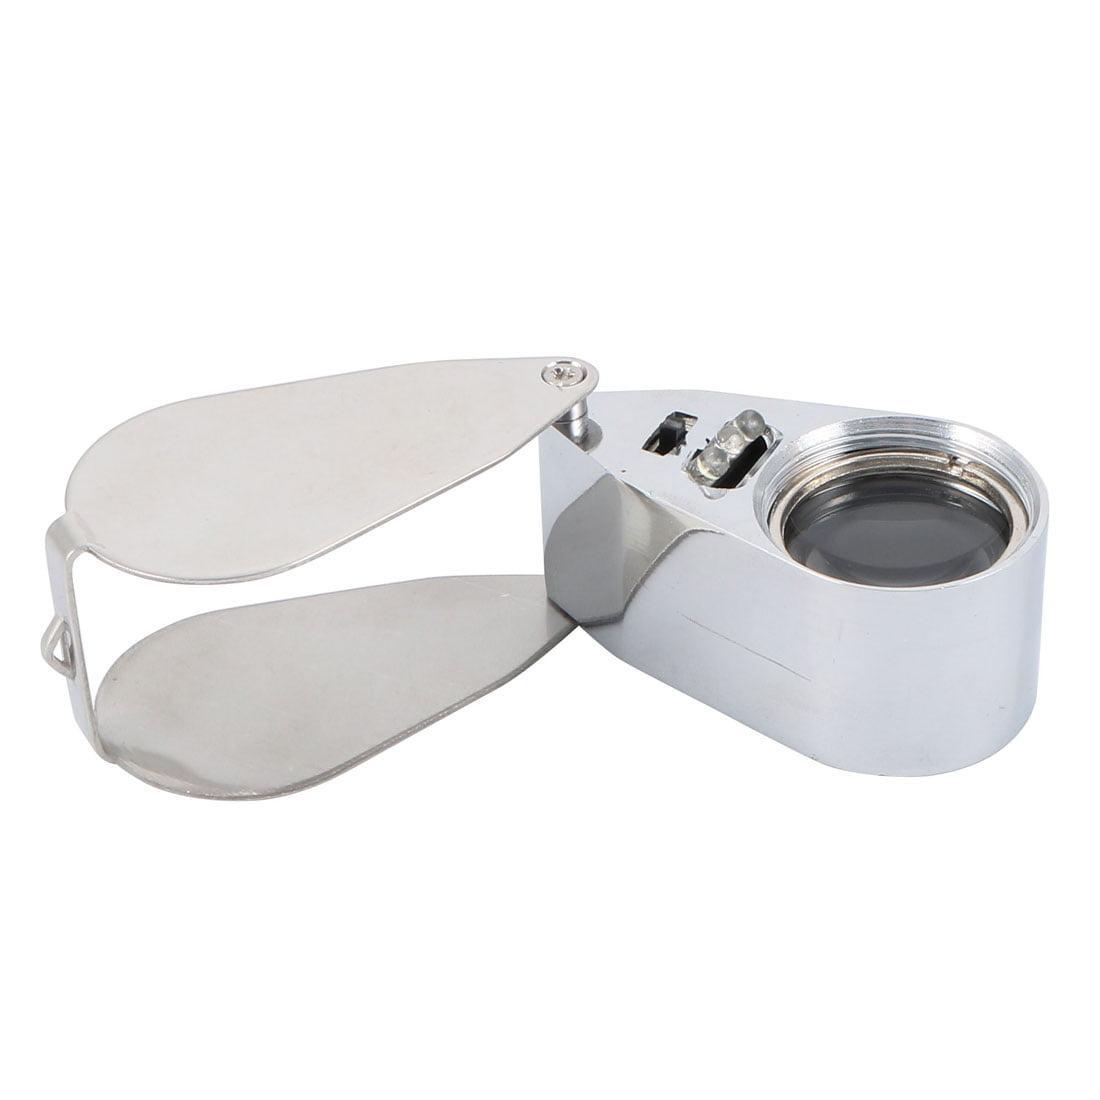 Folding Magnifier 40X Illuminated Magnifying Glass Loupe Lens w LED Light - image 5 of 7